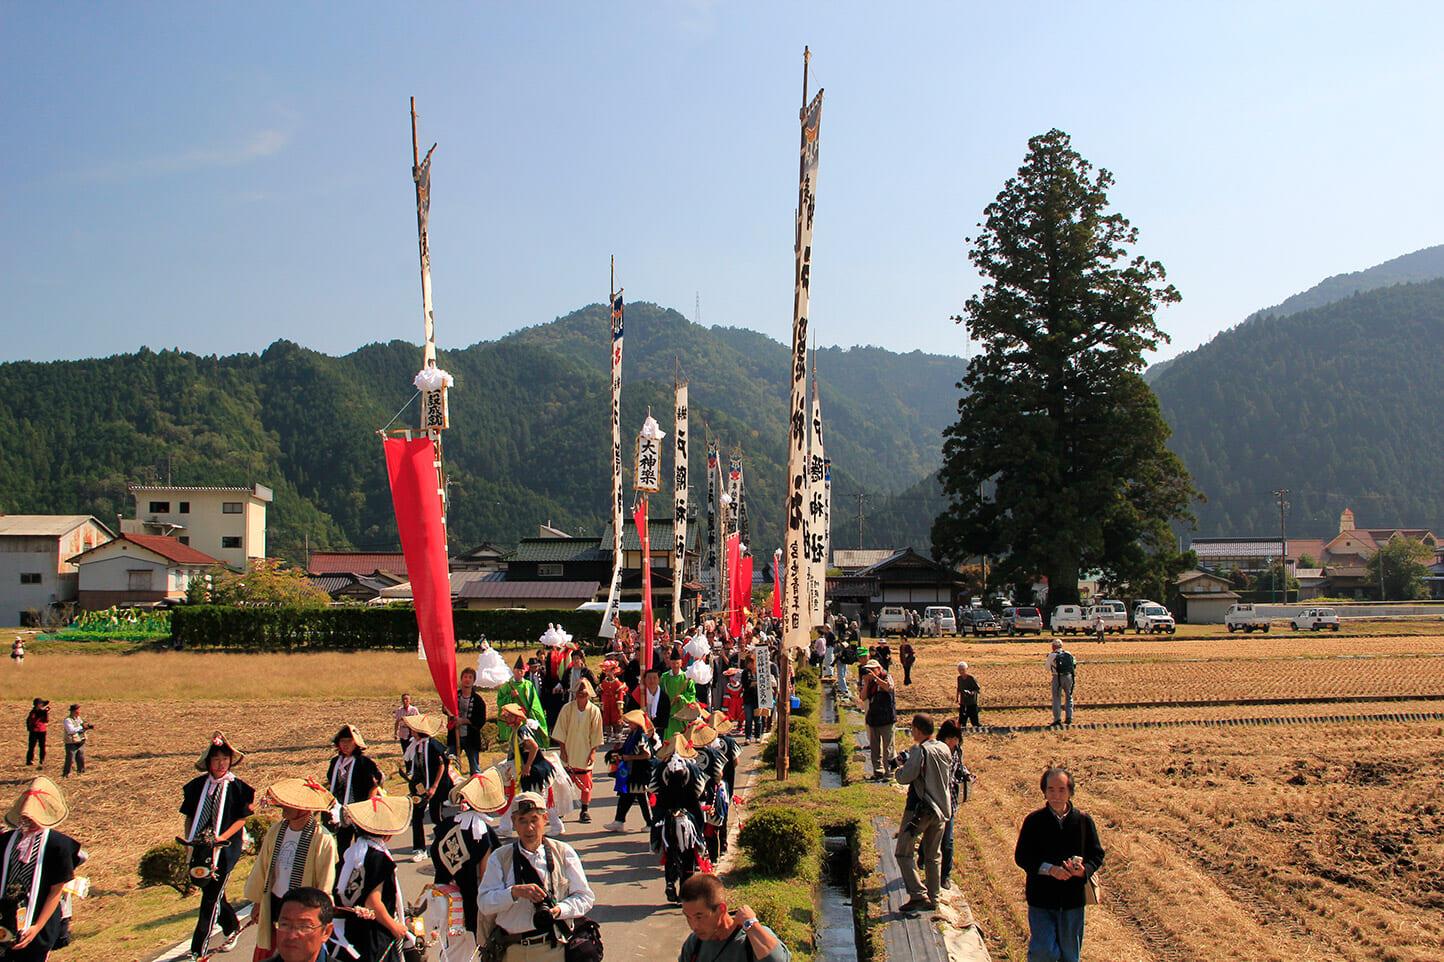 戸隠神社祭礼(九頭の祭) スライダー画像2